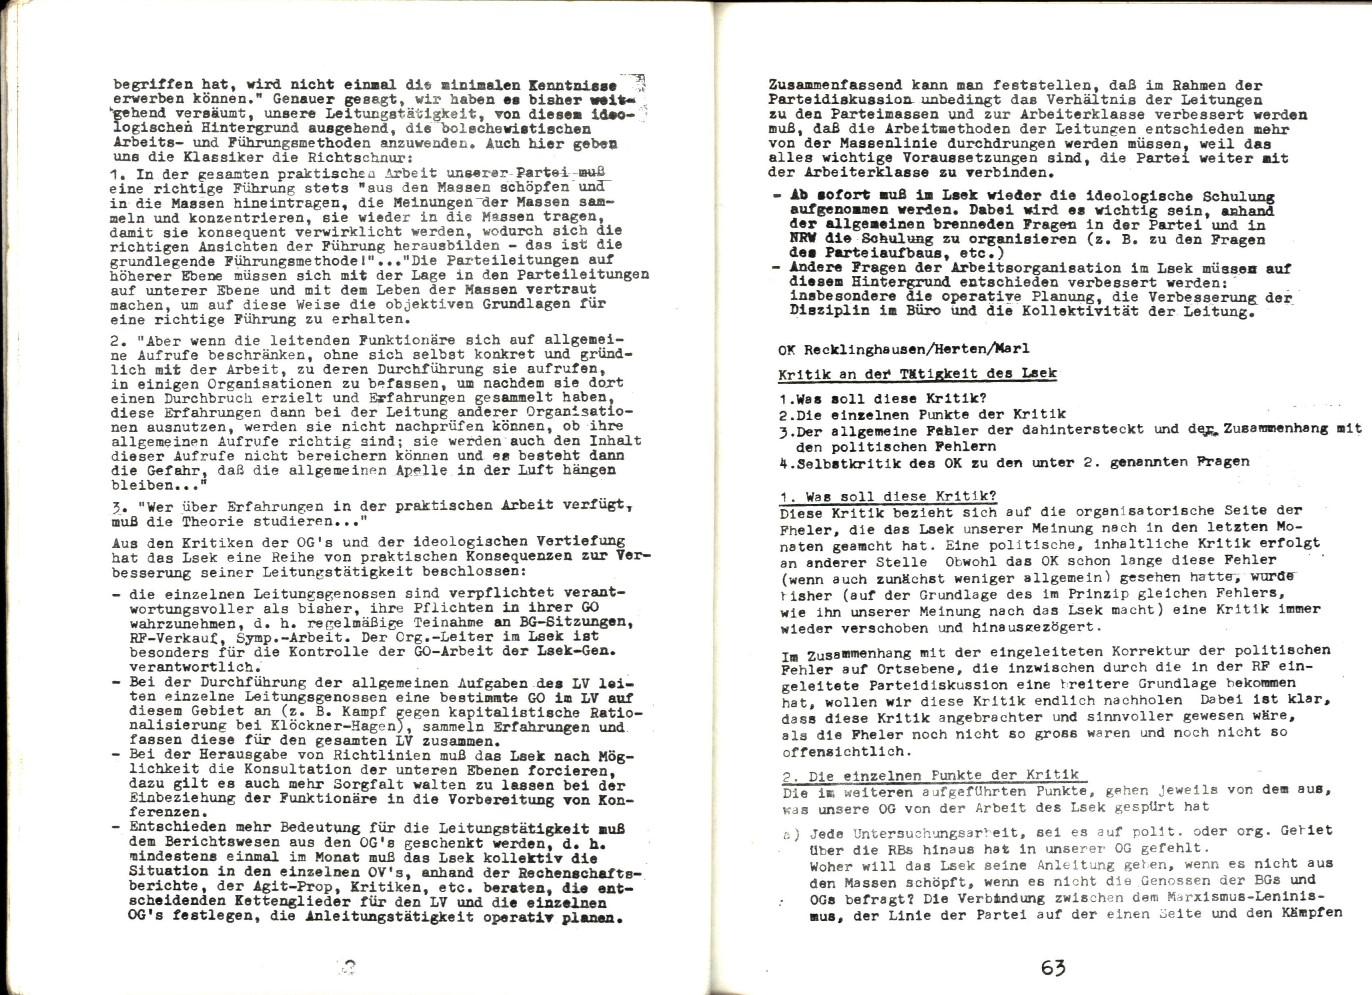 NRW_KPDML_Der_Bolschewist_1972_04_33